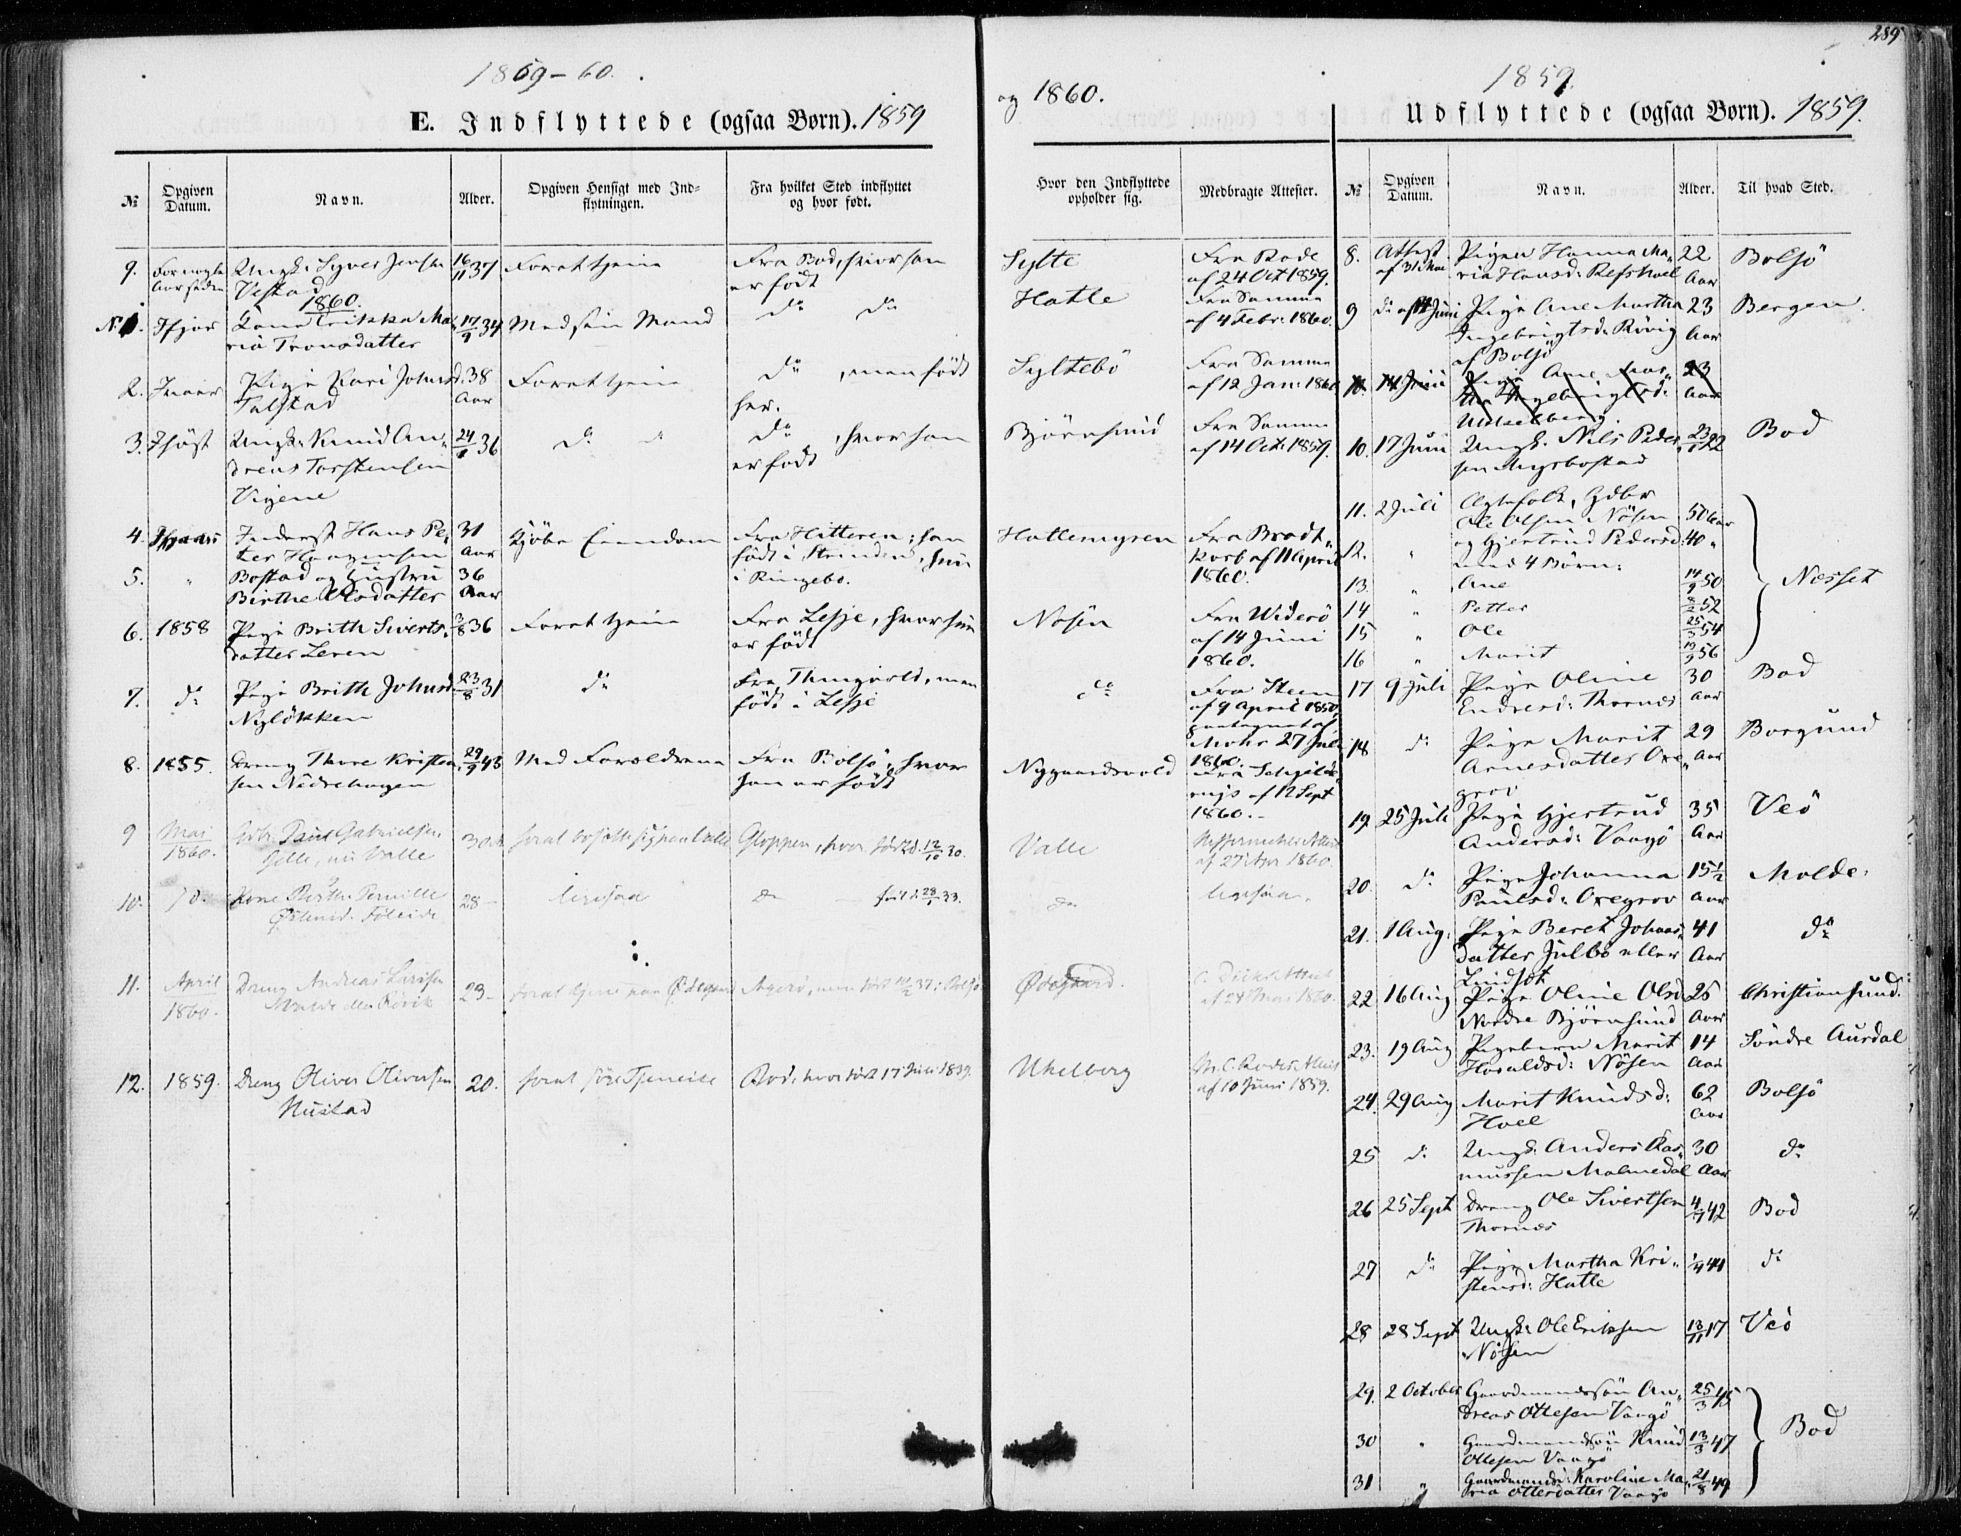 SAT, Ministerialprotokoller, klokkerbøker og fødselsregistre - Møre og Romsdal, 565/L0748: Ministerialbok nr. 565A02, 1845-1872, s. 289